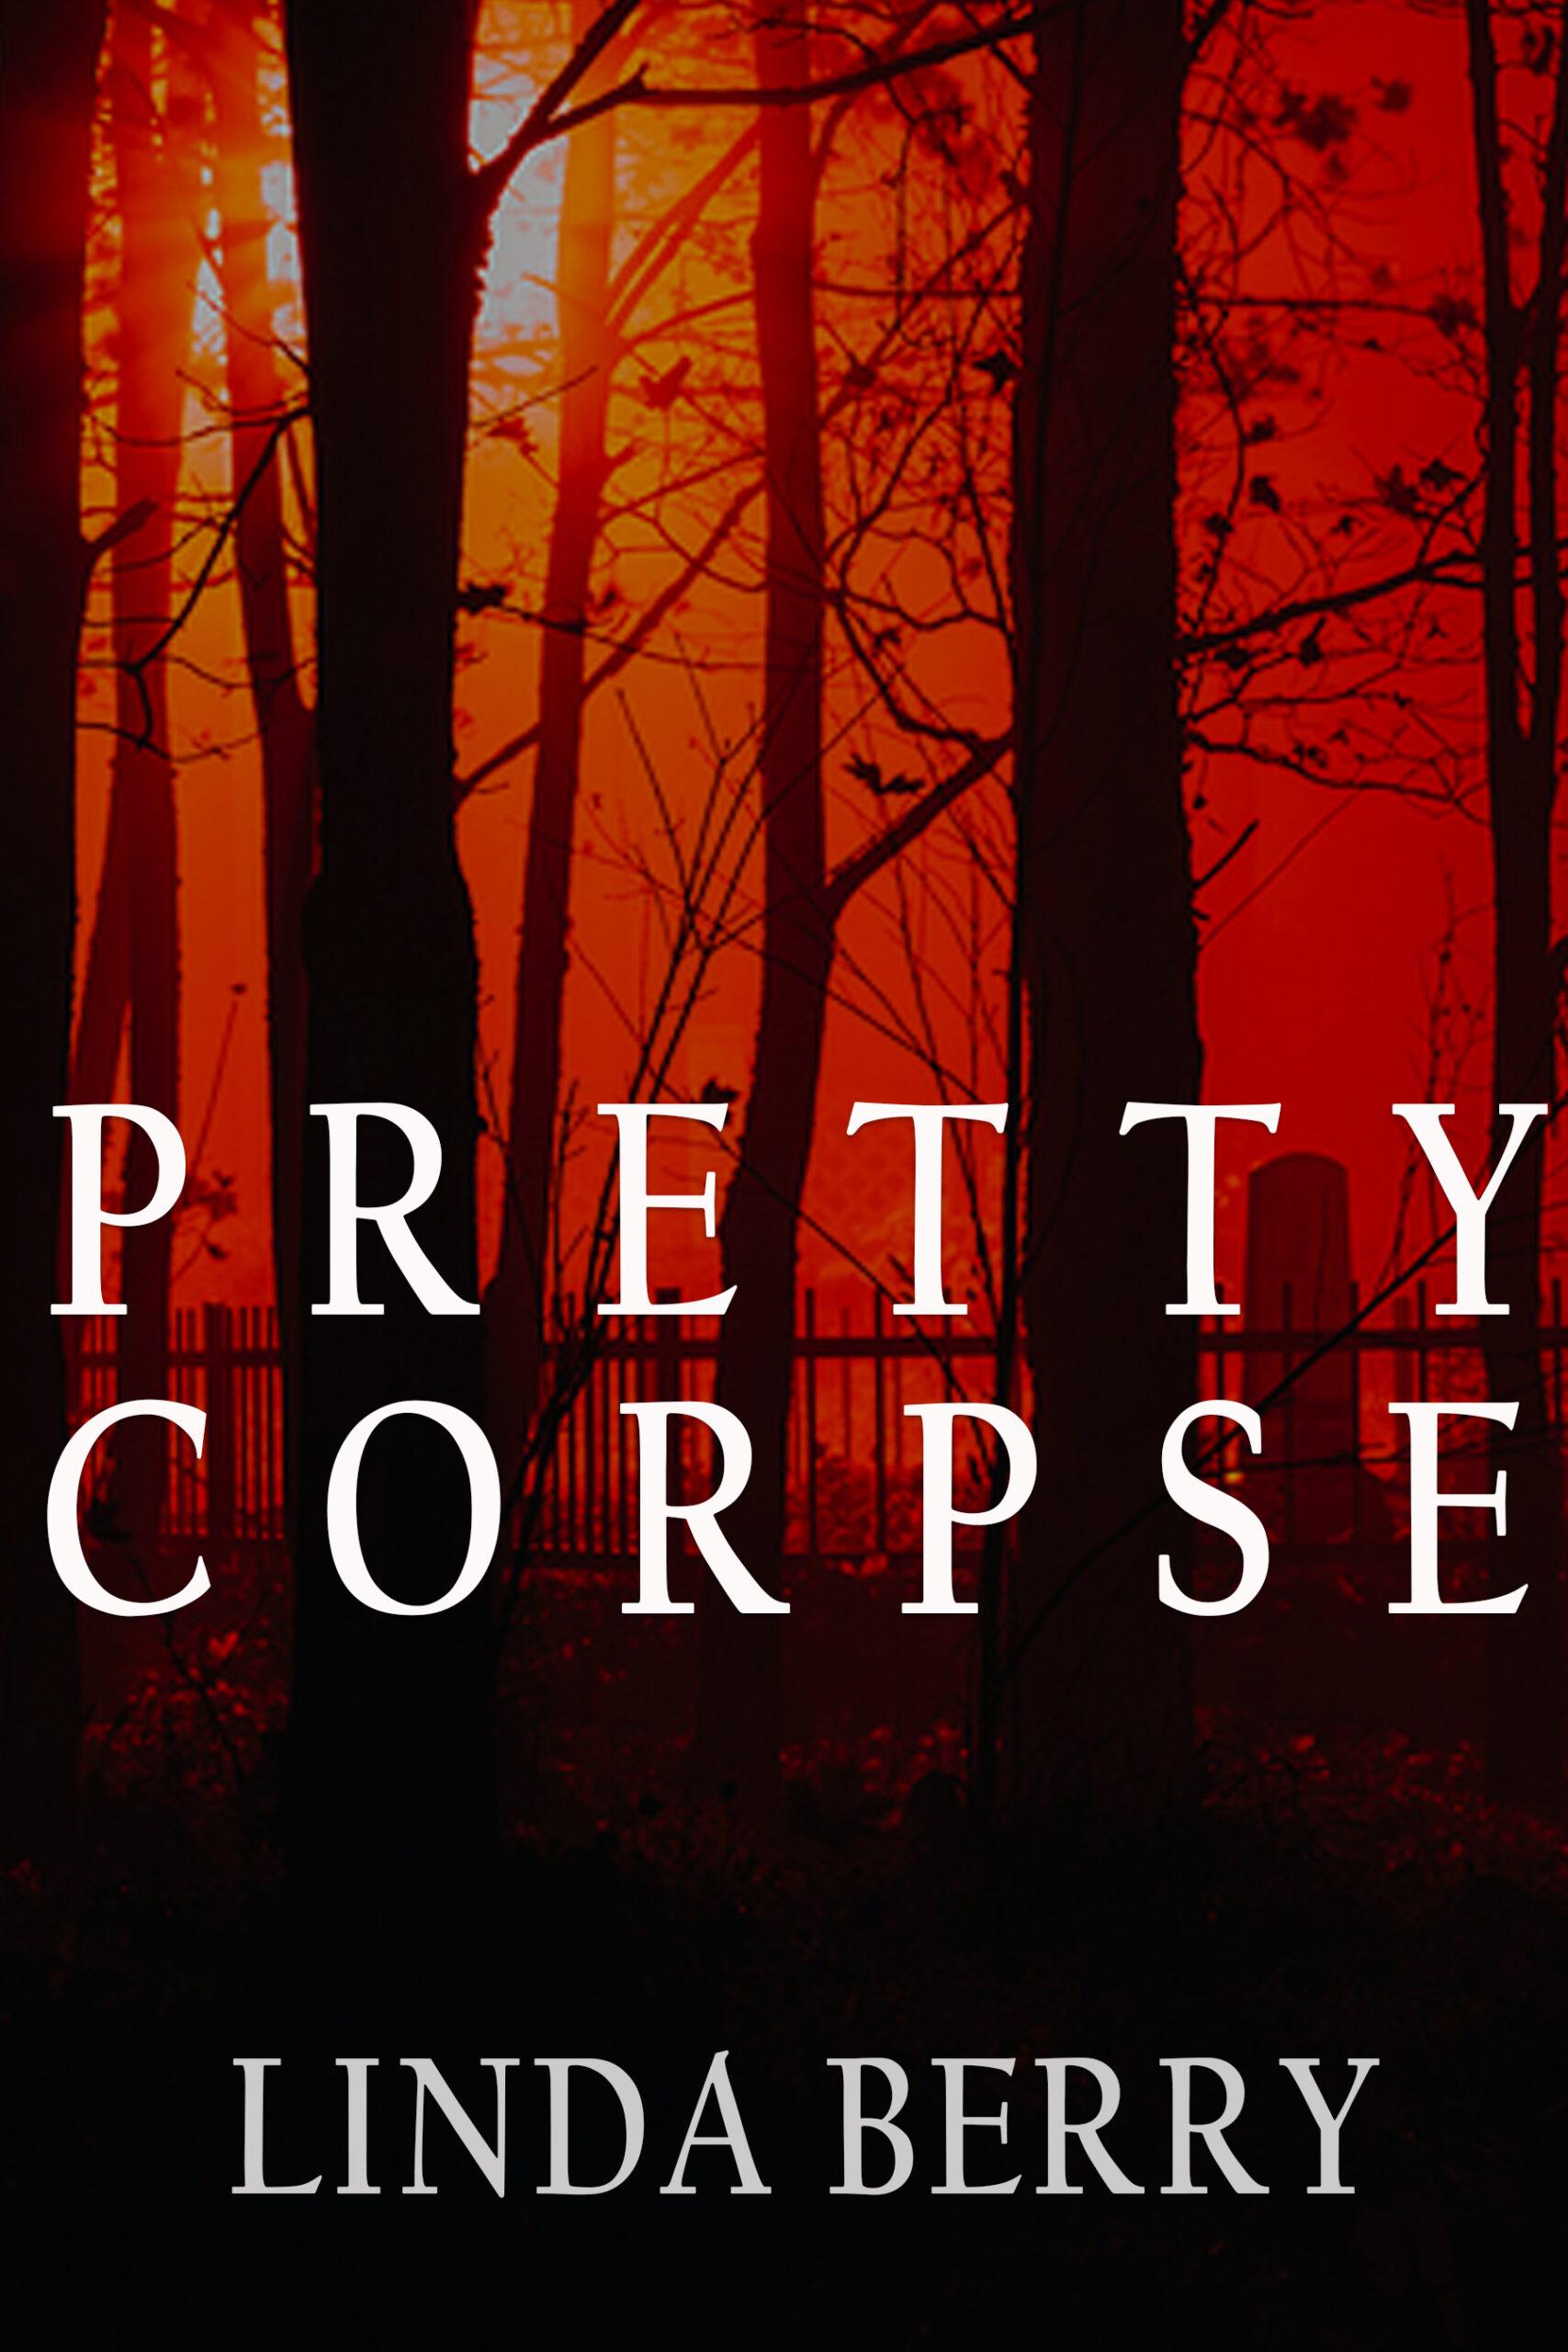 New Release: Pretty Corpse